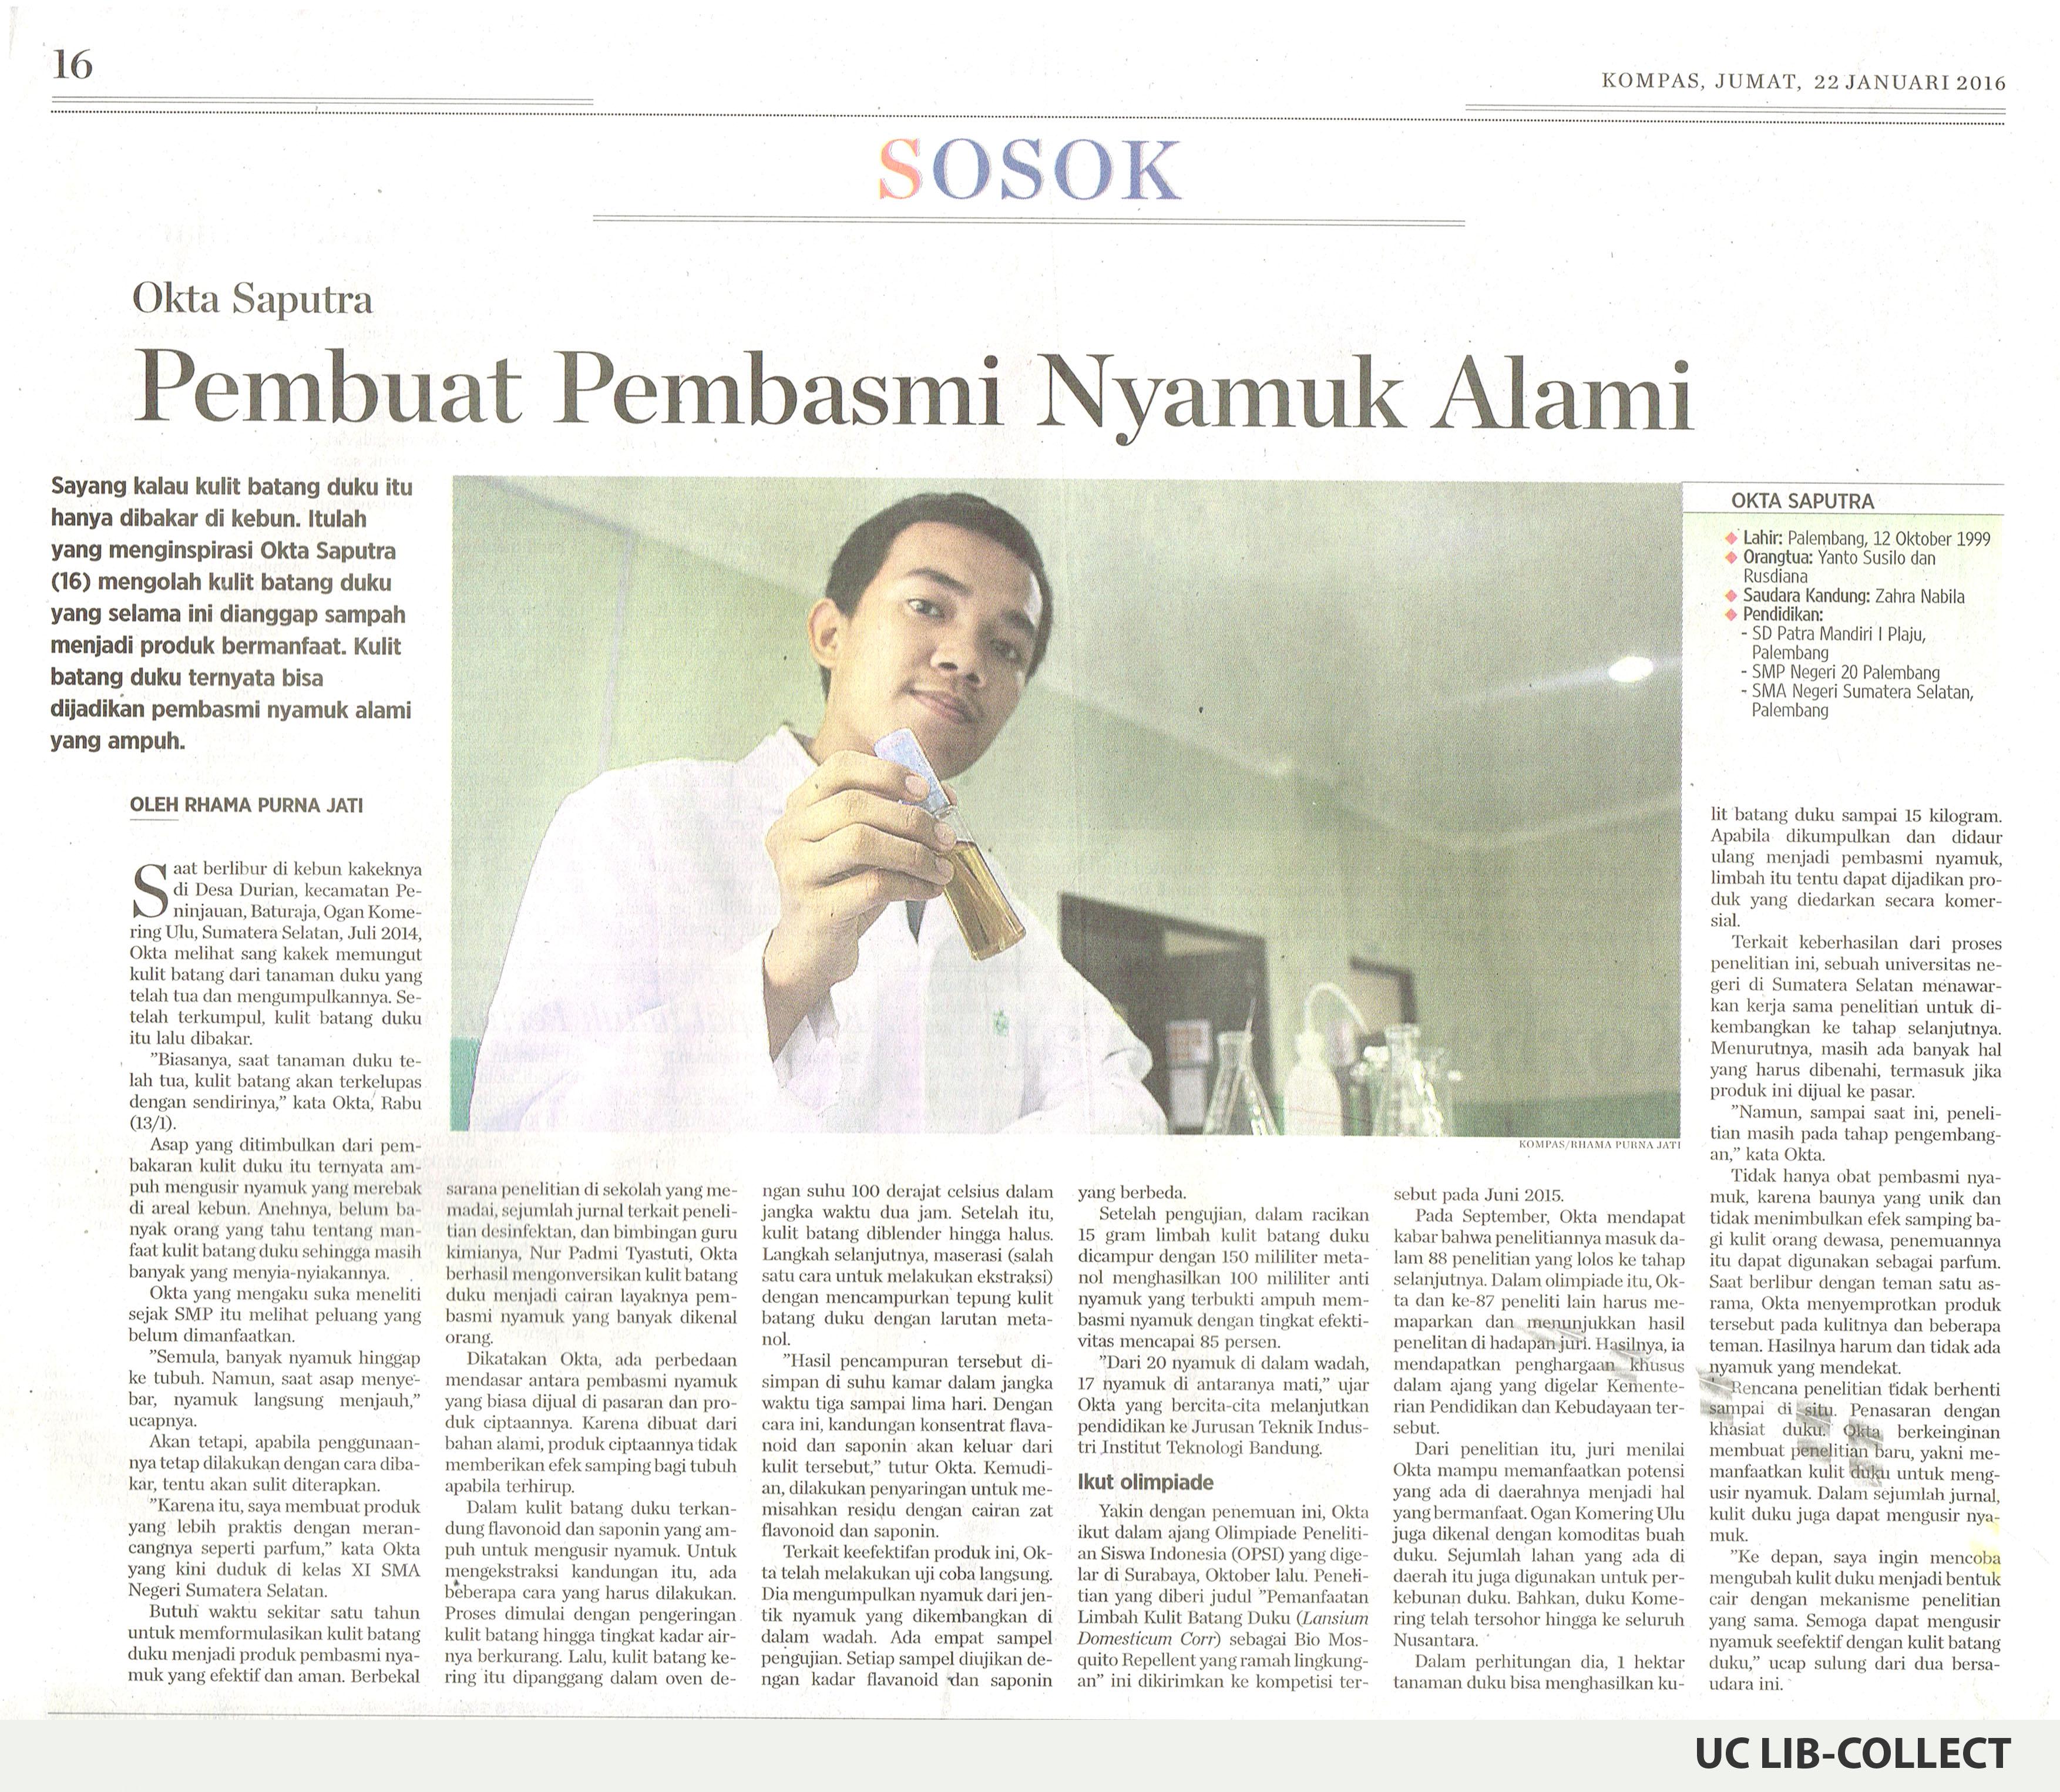 Okta Saputra Pembuat Pembasmi Nyamuk Alami. Kompas. 22 Januari 2016. Hal 16